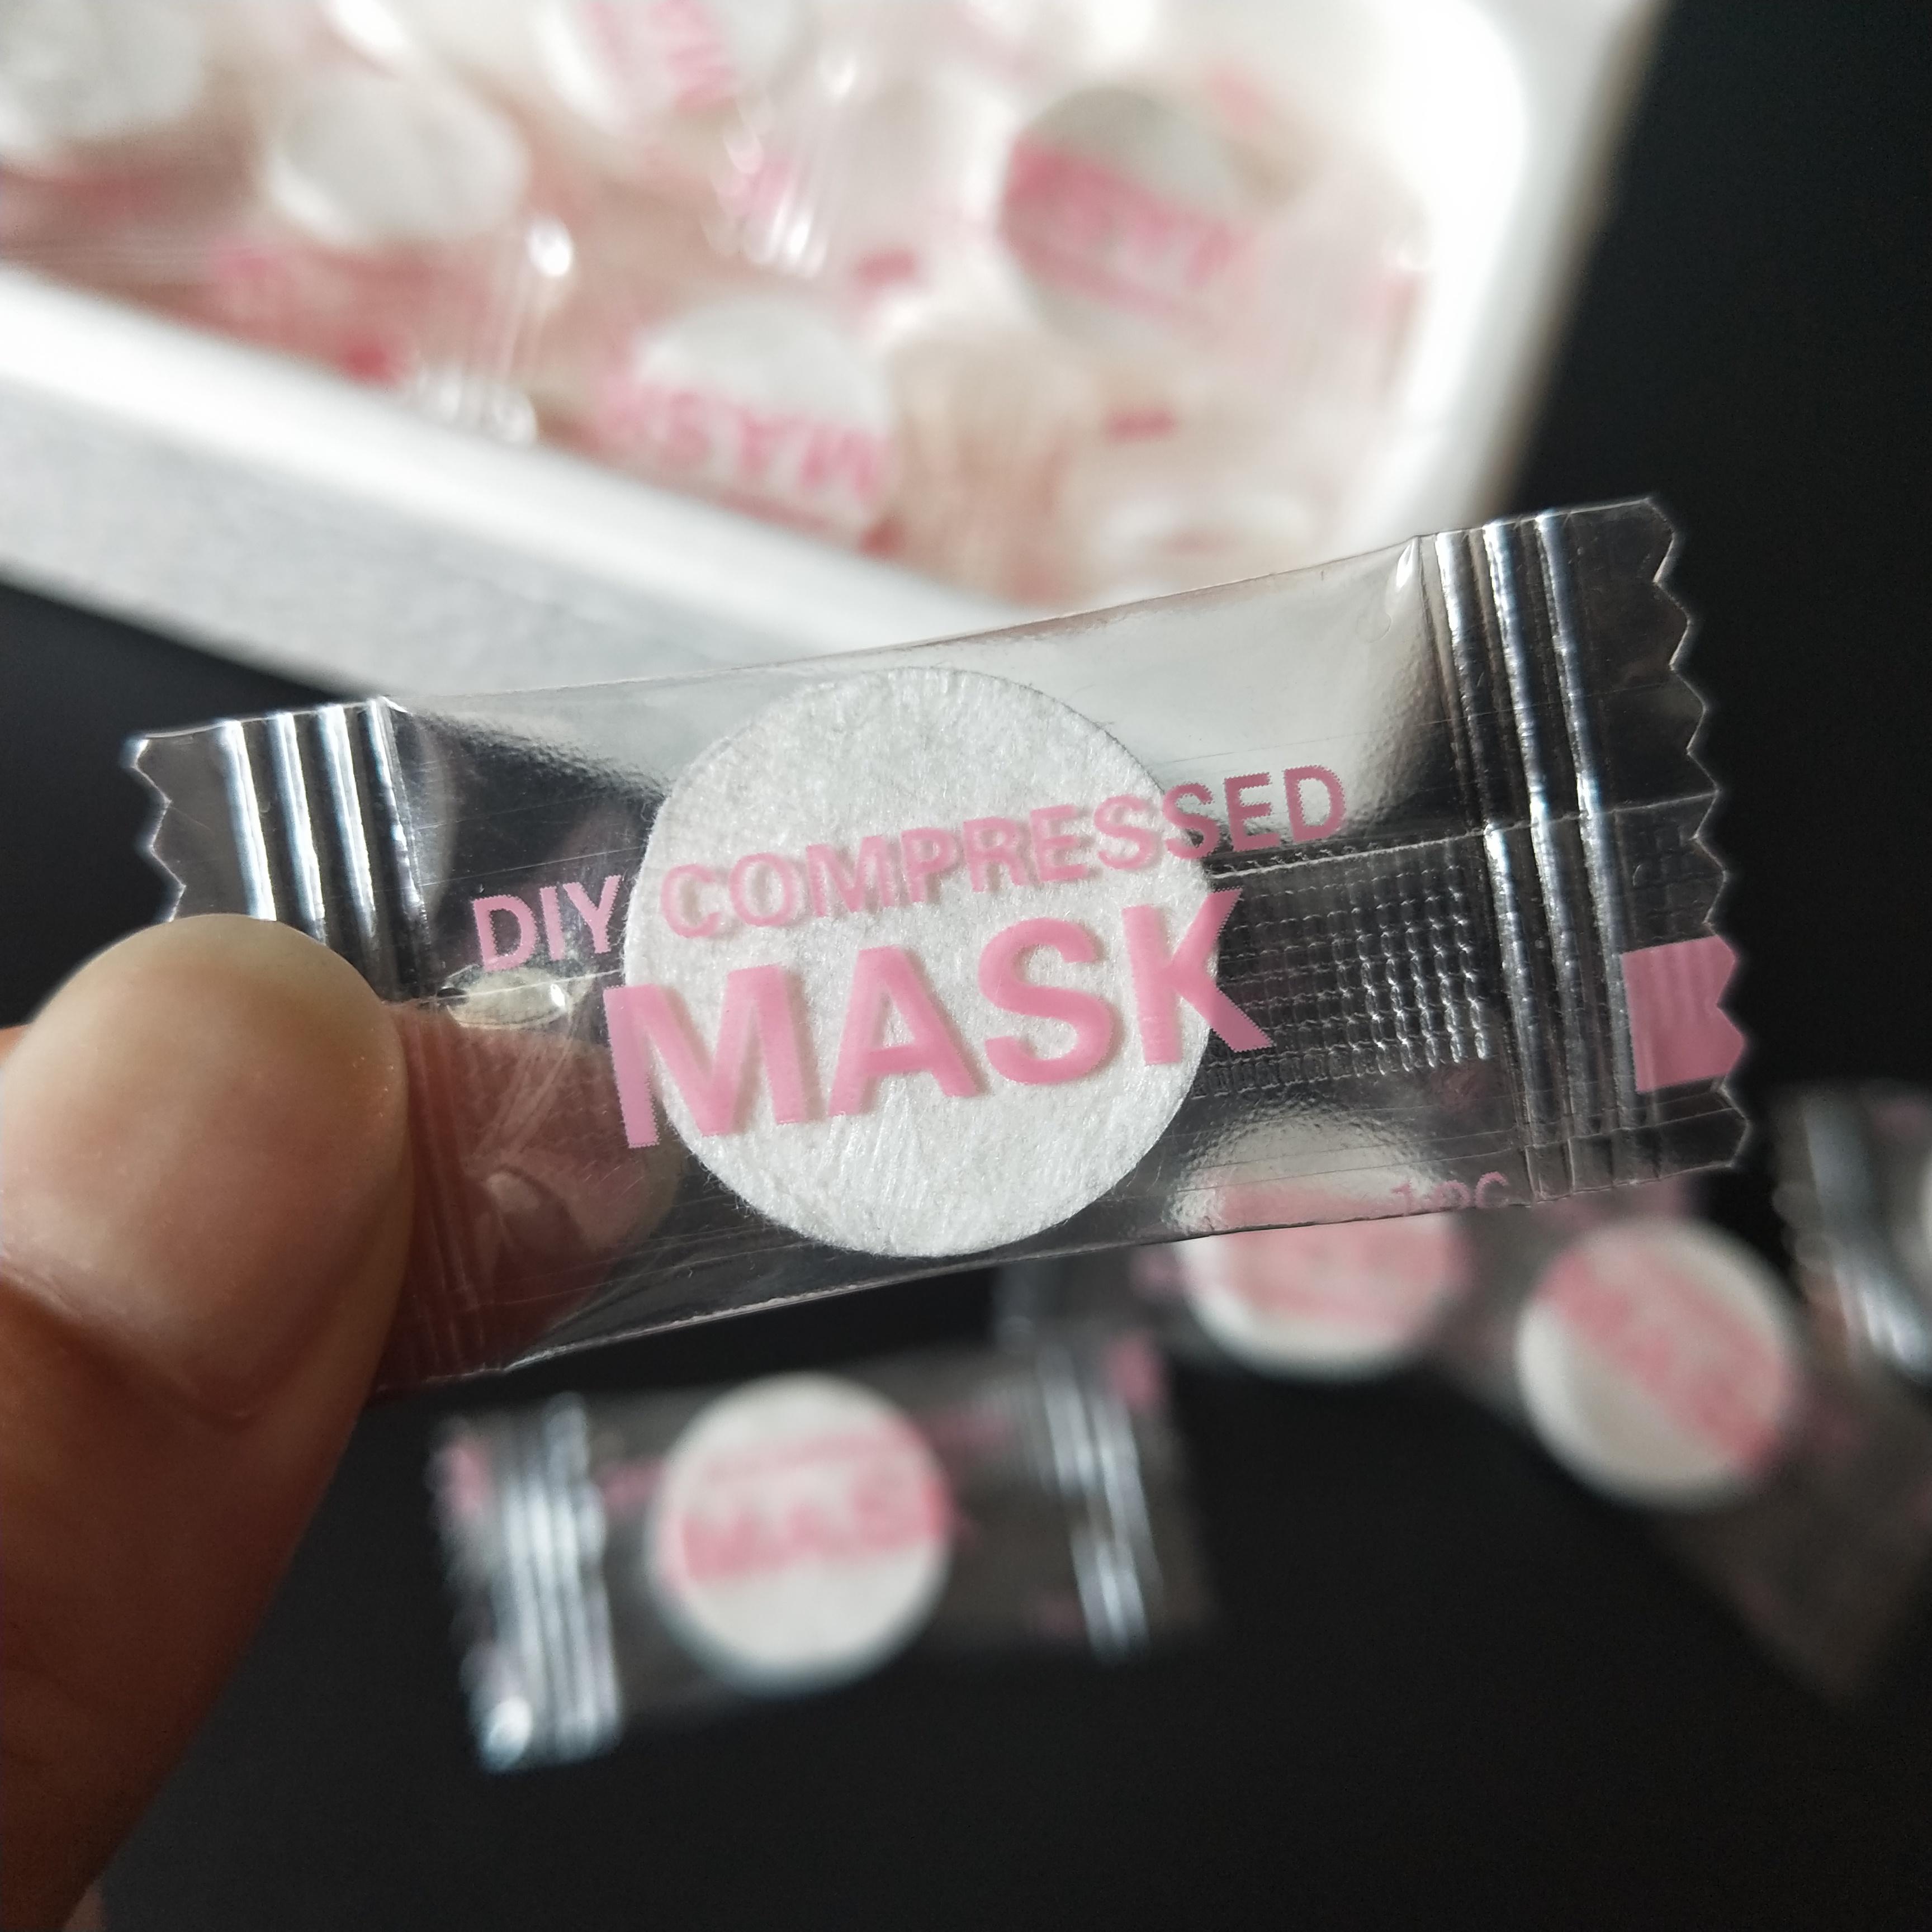 包邮蚕丝压缩面膜超薄隐形天丝湿敷纸膜化妆工具MASK水疗膜100粒